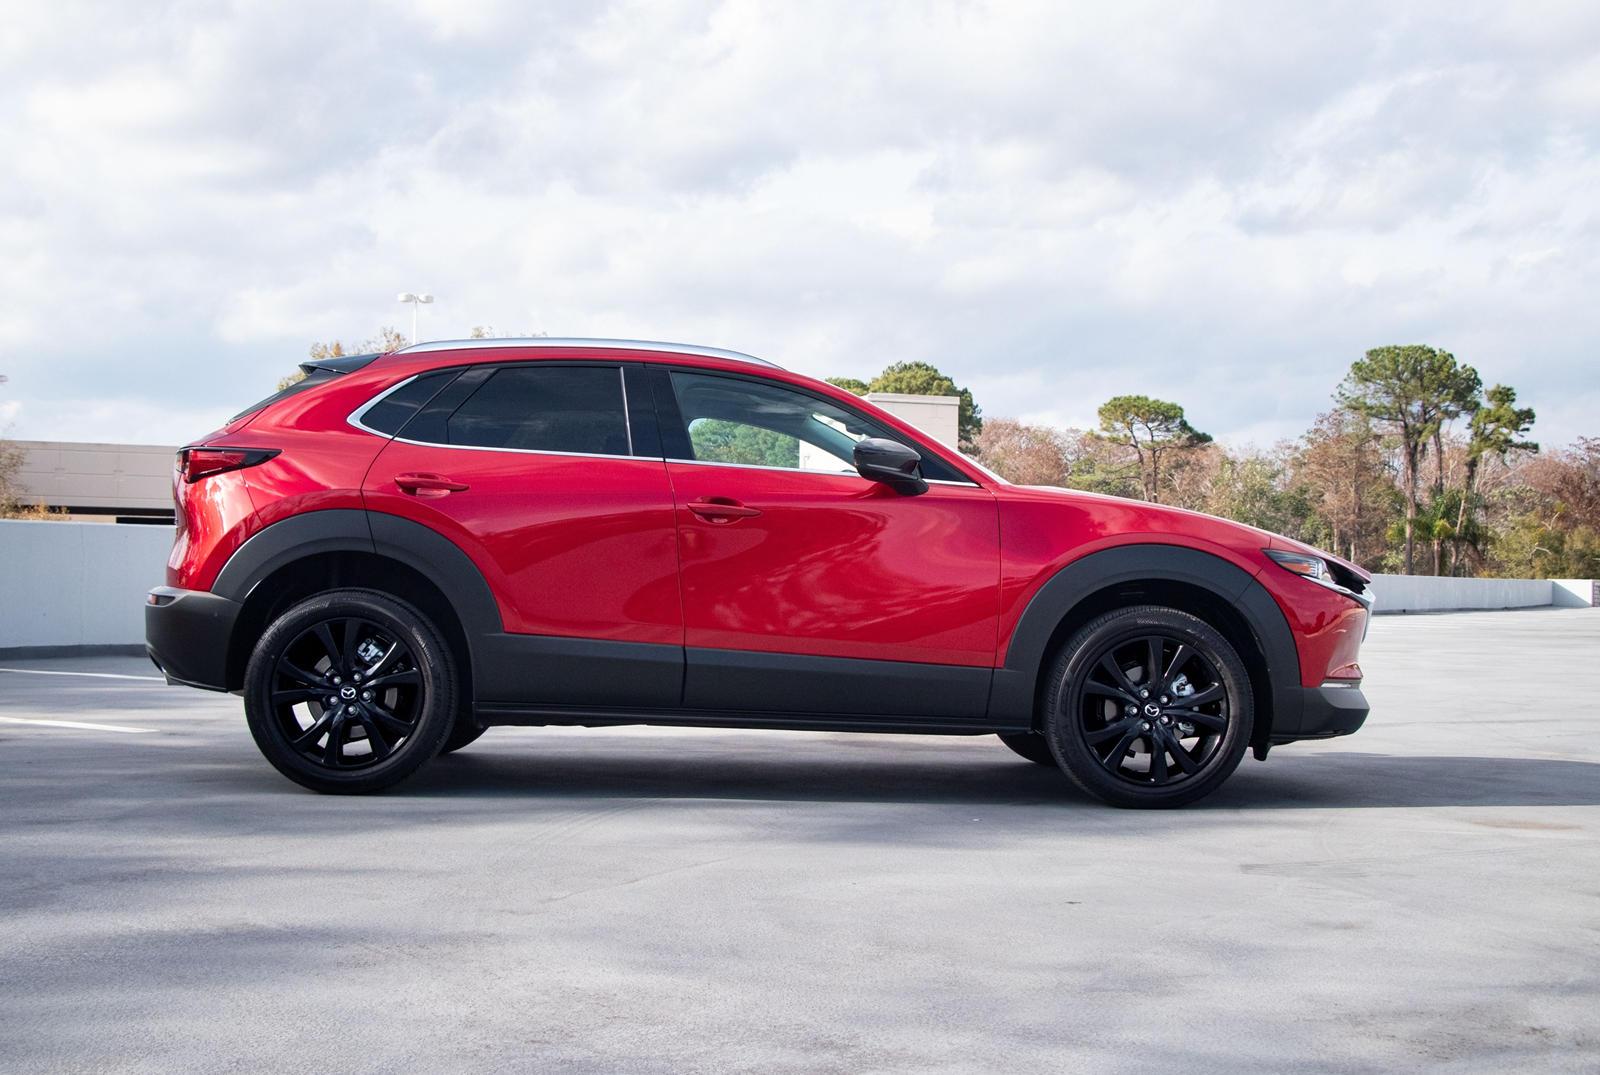 Mazda заявляет, что эти «стильные диски созданы с использованием наших высокотехнологичных процессов литья из сплавов», что означает, что они, вероятно, легче стандартных 18-дюймовых. Однако не стоит слишком волноваться, потому что эти колеса еще дор